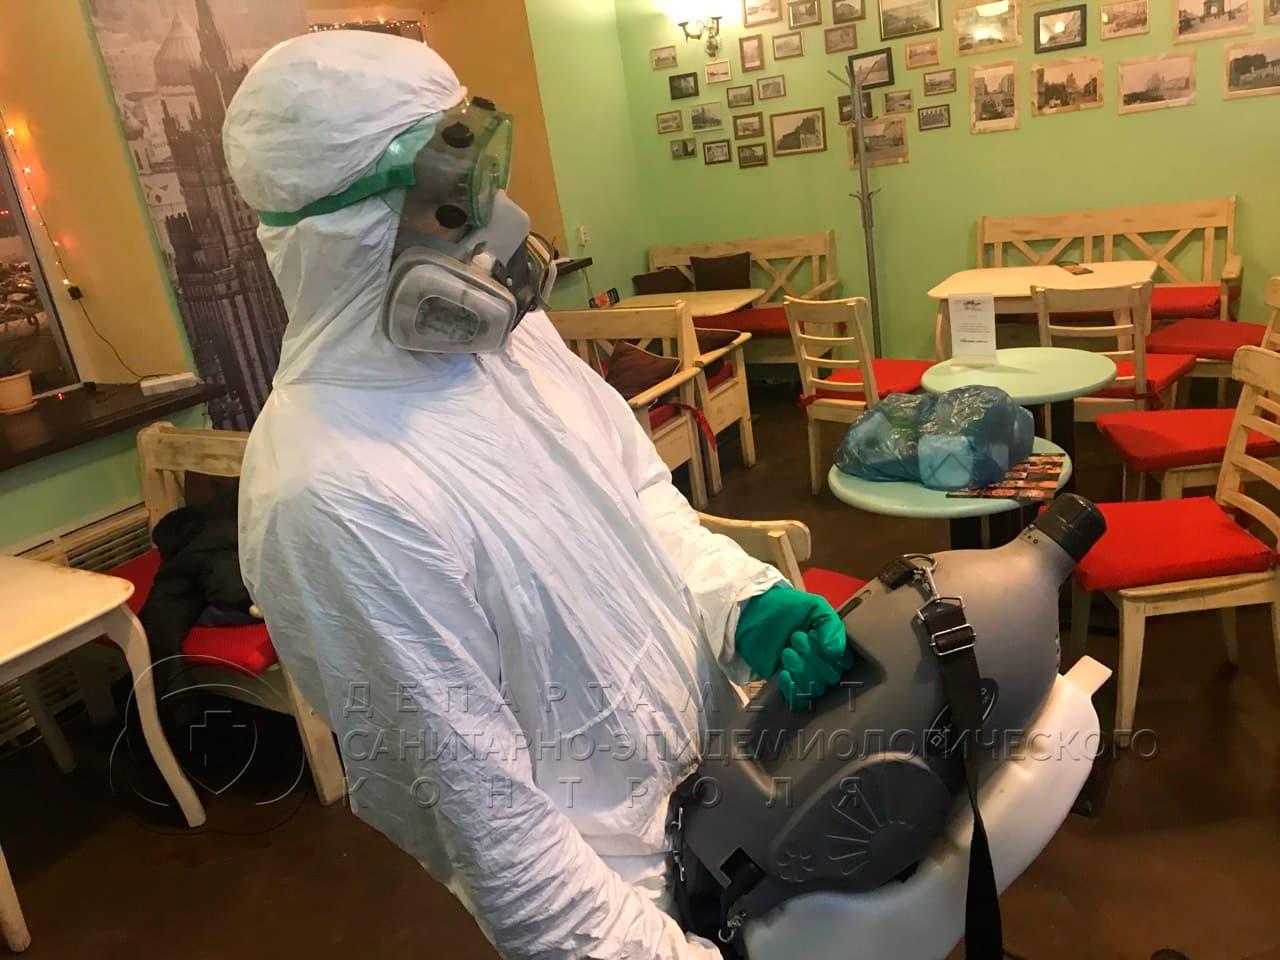 Санобработка квартир от клопов сотрудниками санэпидемстанций СЭС в Екатеринбурге стоимость, цены, гарантия